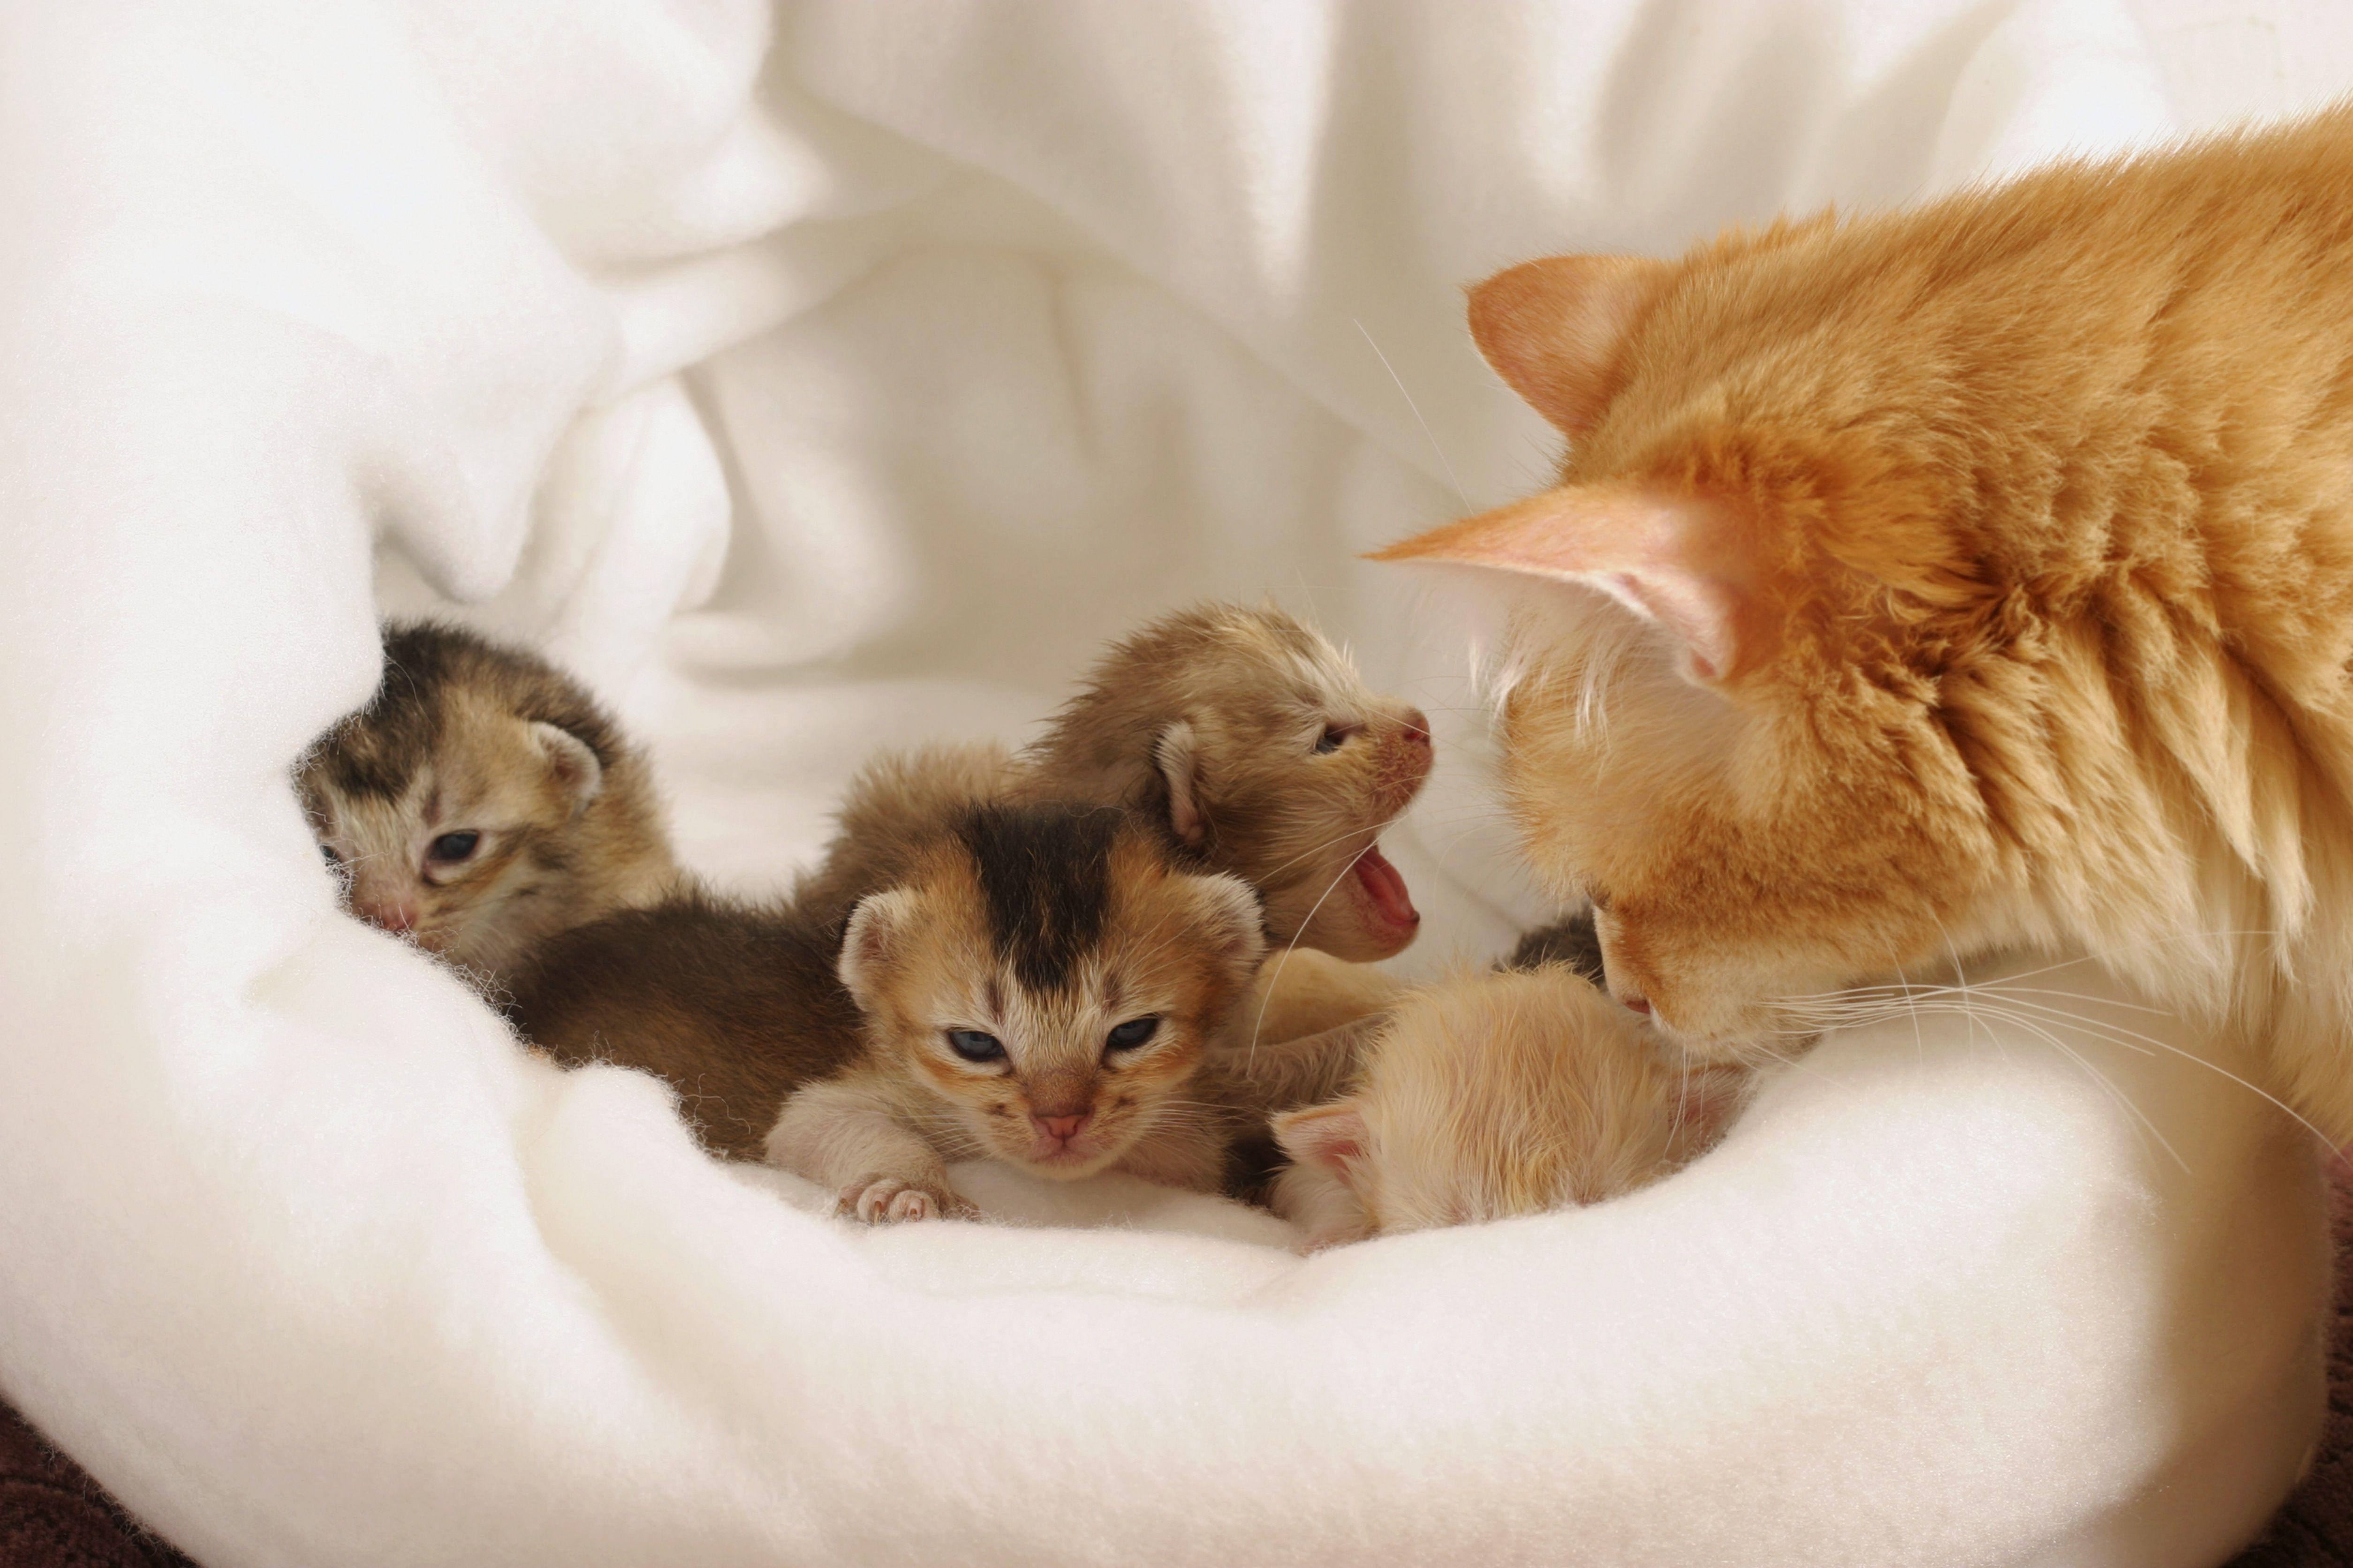 Jengibre gato inclinado sobre el borde de una canasta que contiene camada de gatitos